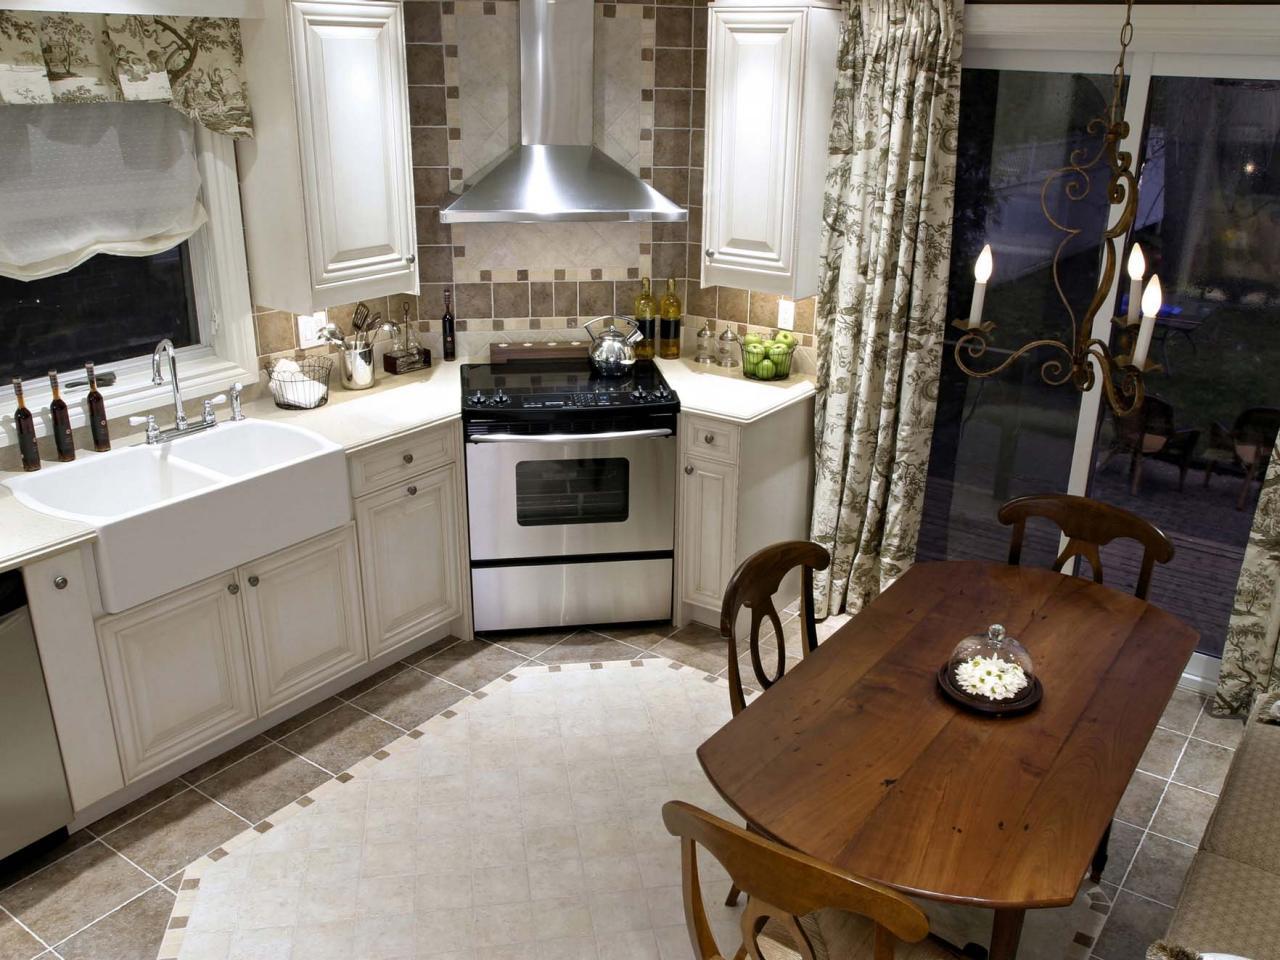 divine design kitchen ideas photo - 1